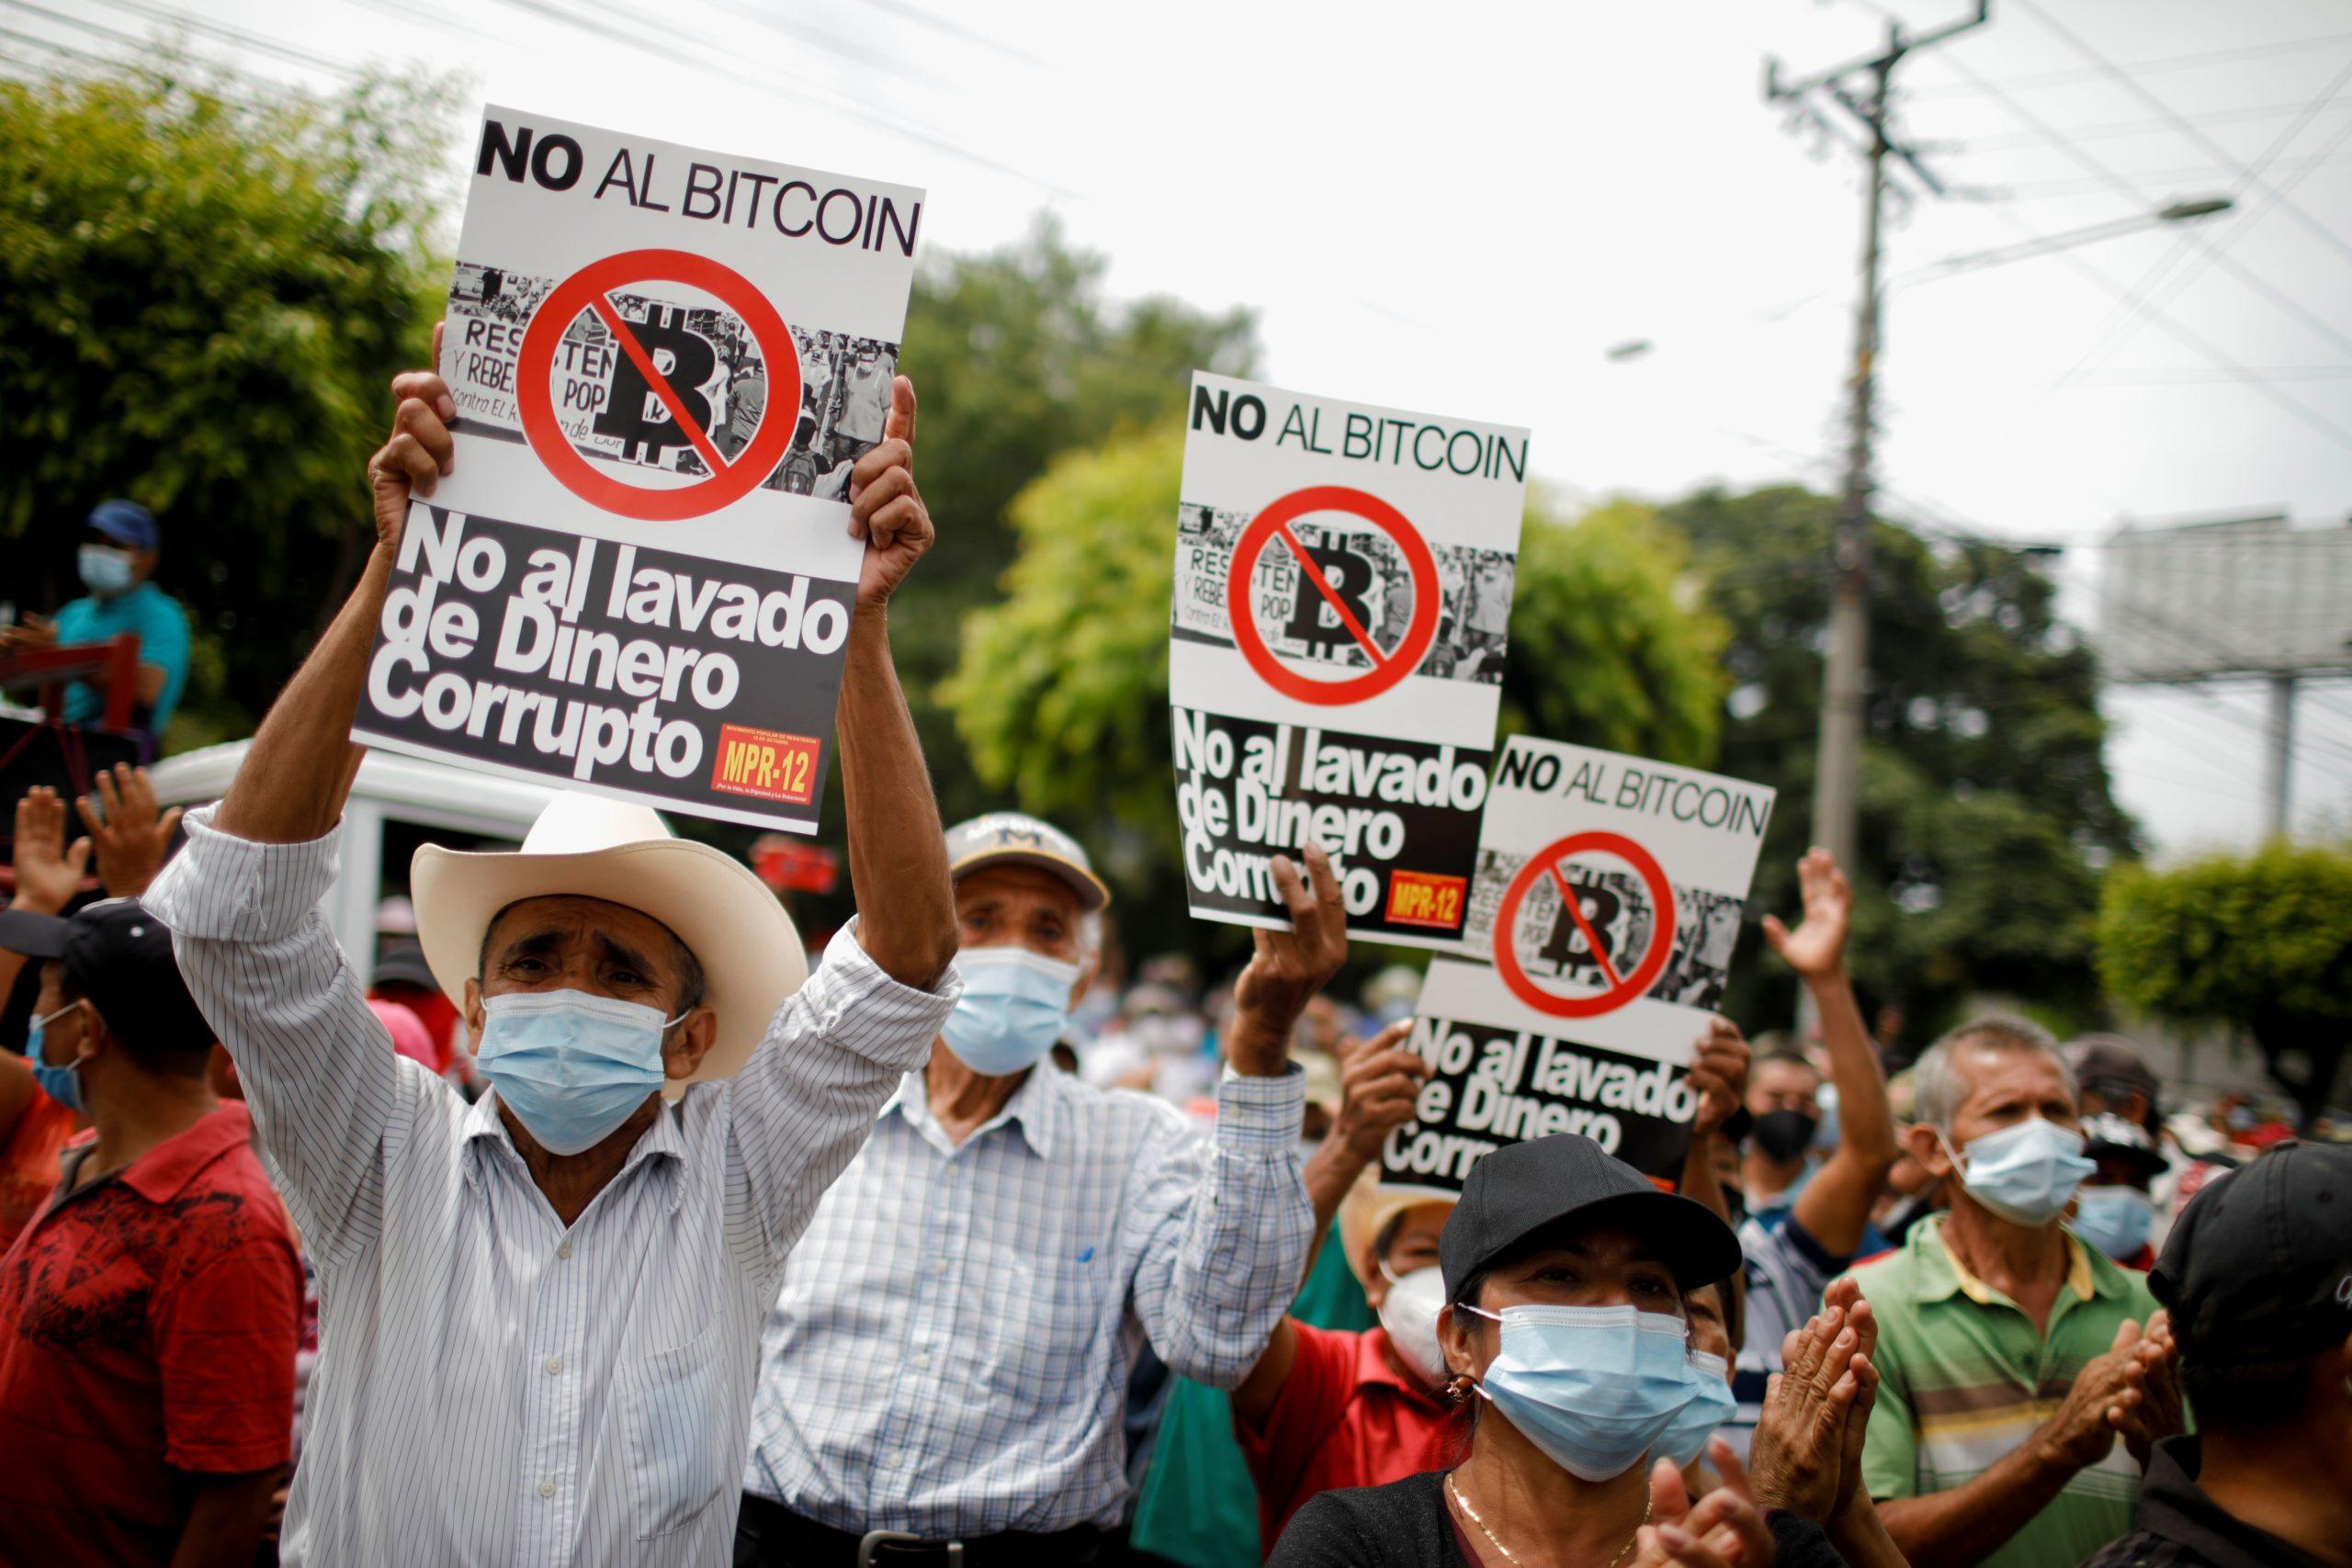 El Salvador rơi vào bạo loạn sau quyết định công nhận bitcoin